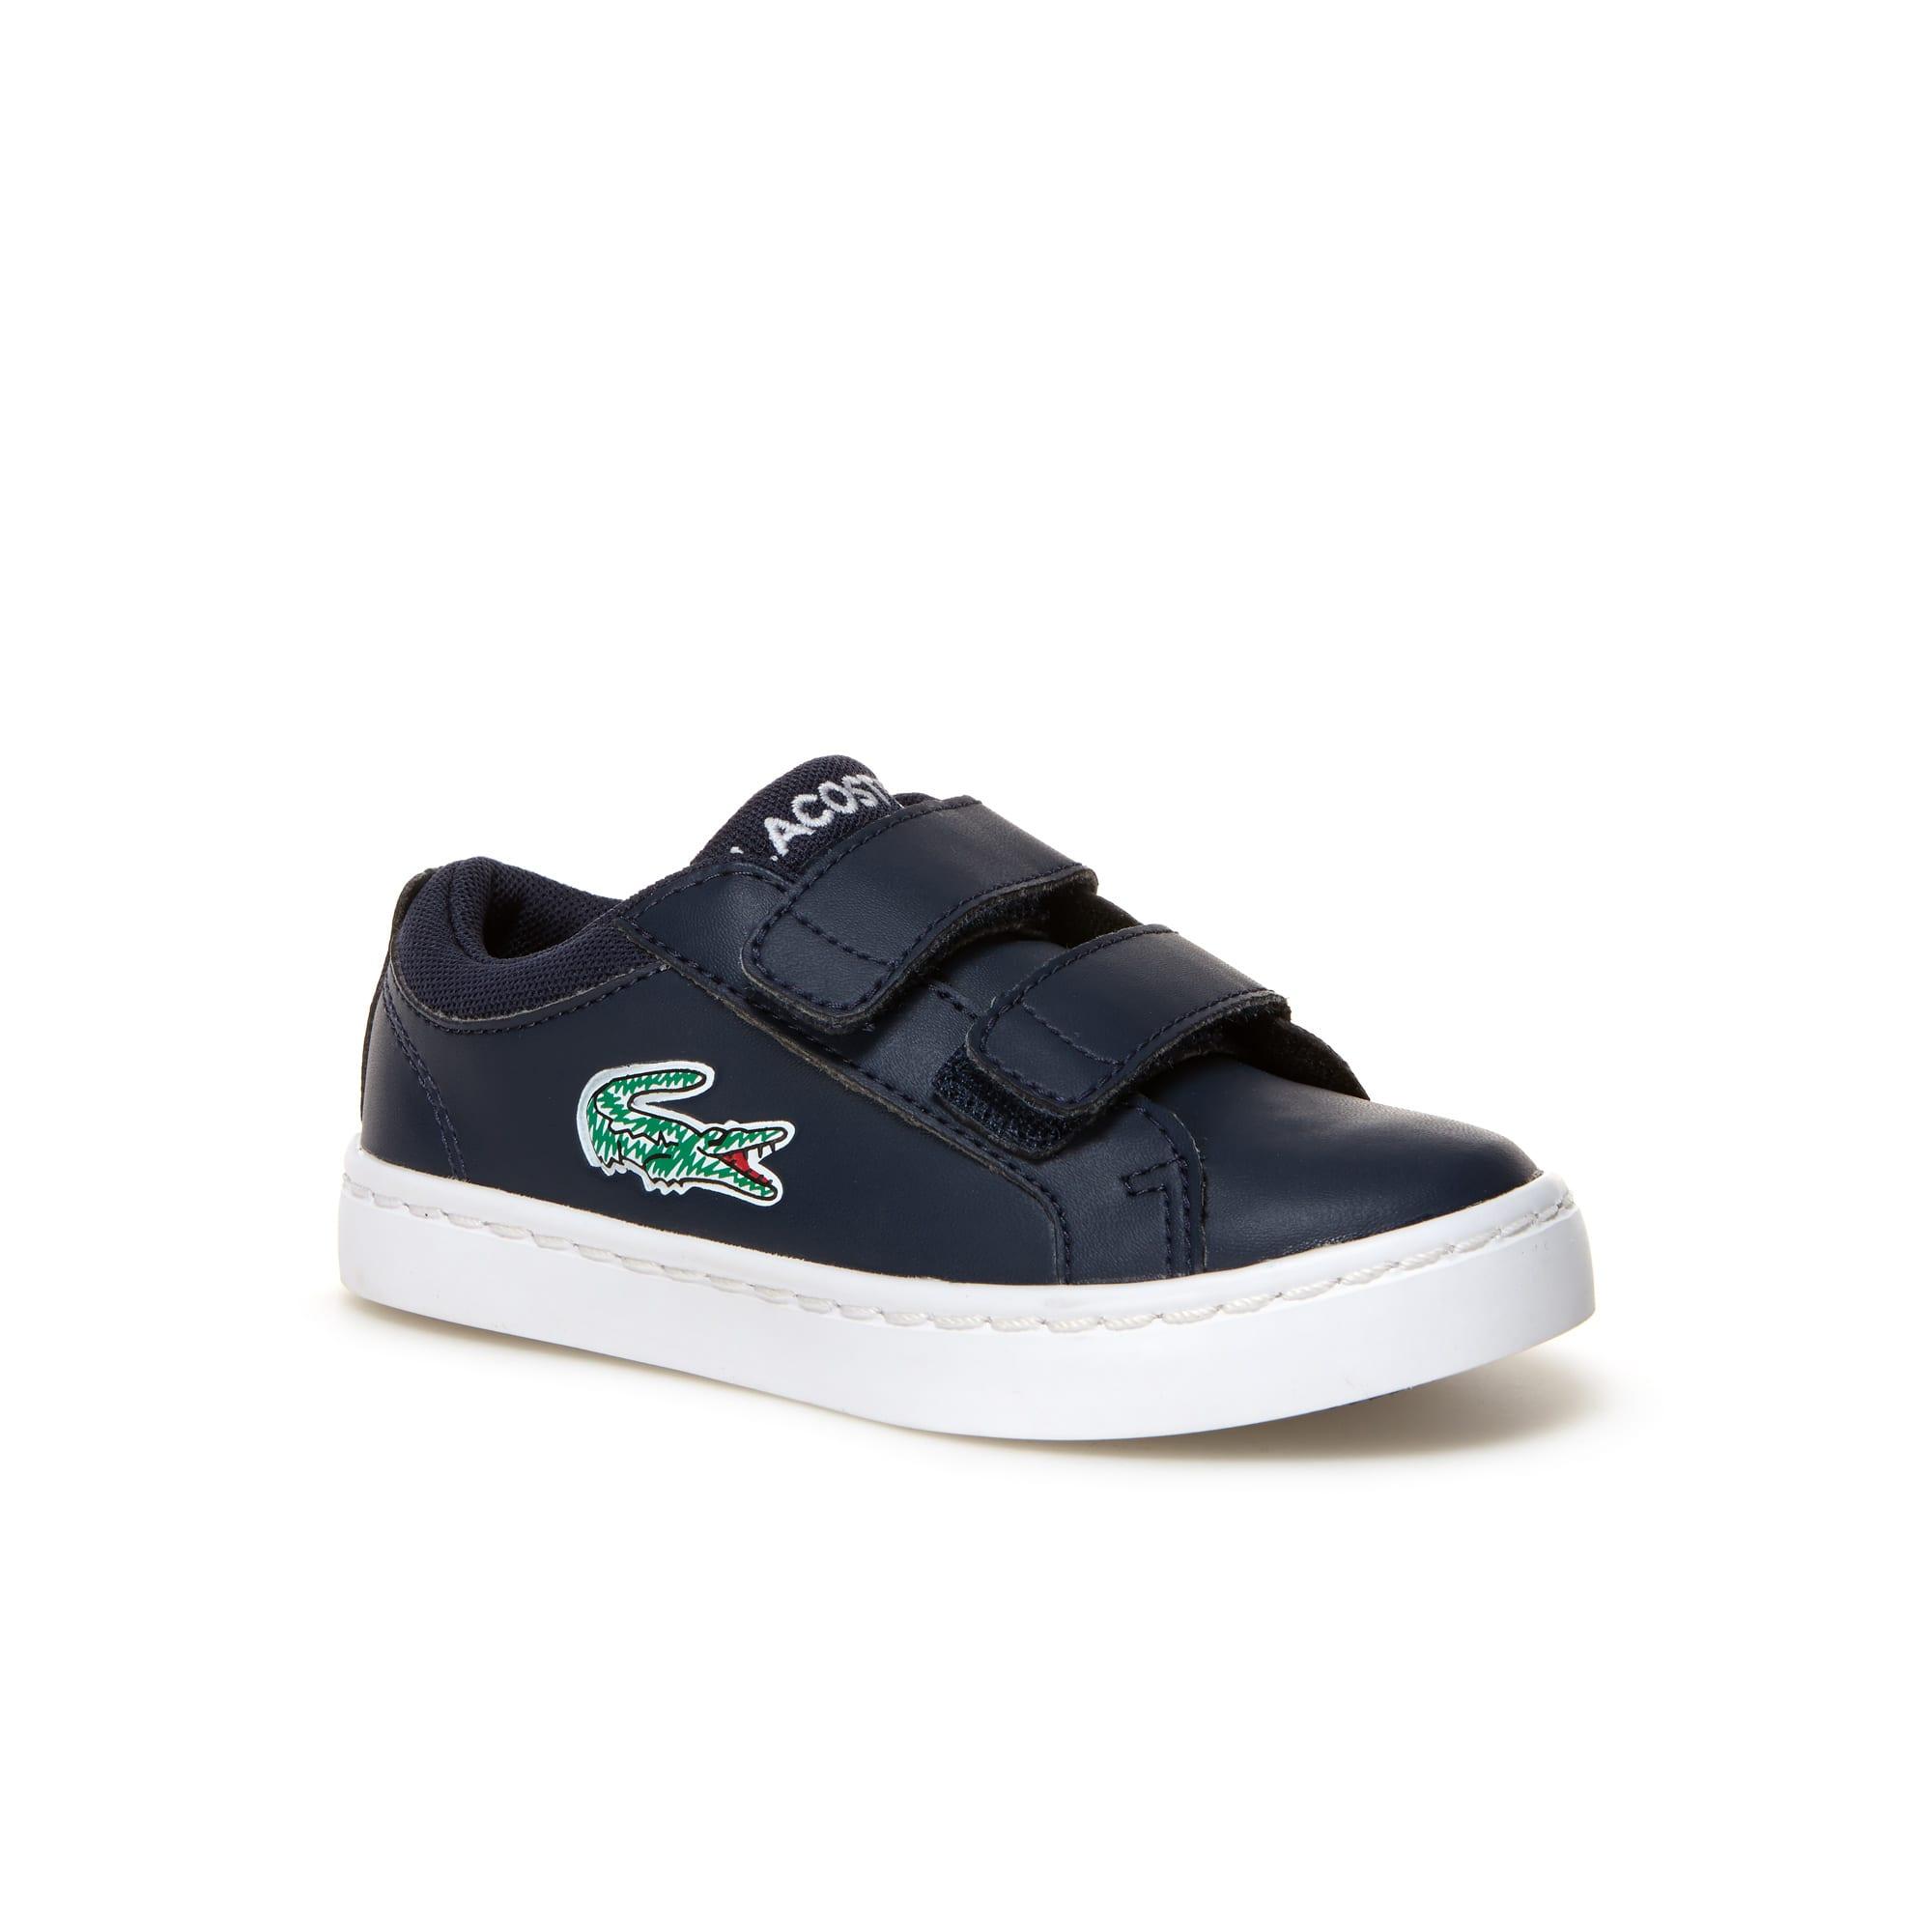 Sneakers Enfant Straightset Lace en simili-cuir avec fermeture à scratch